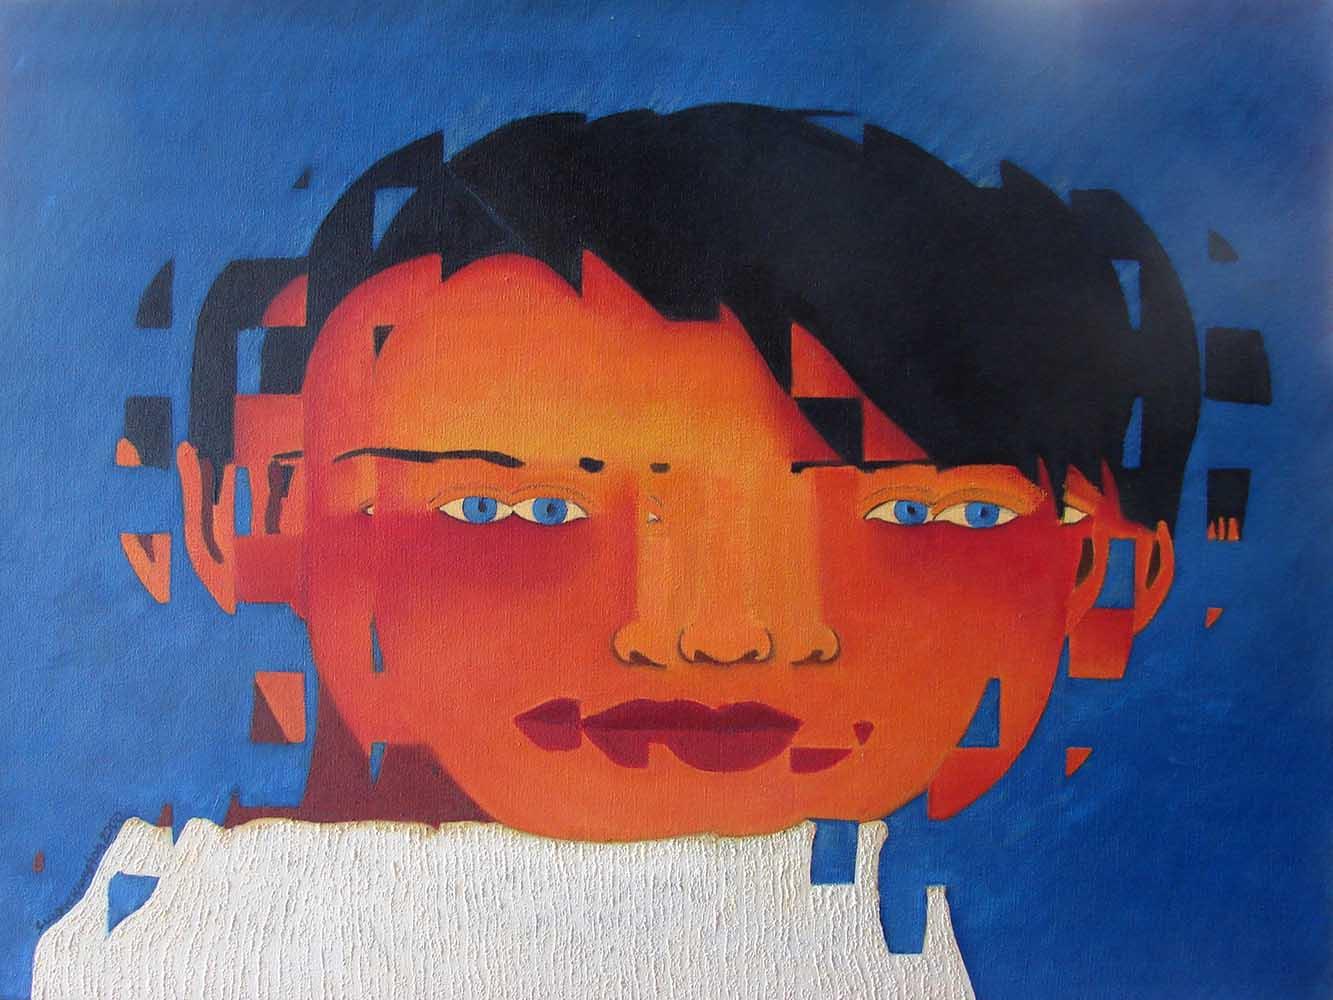 2000, Fragmentação12, óleo/tela, 60x80cm